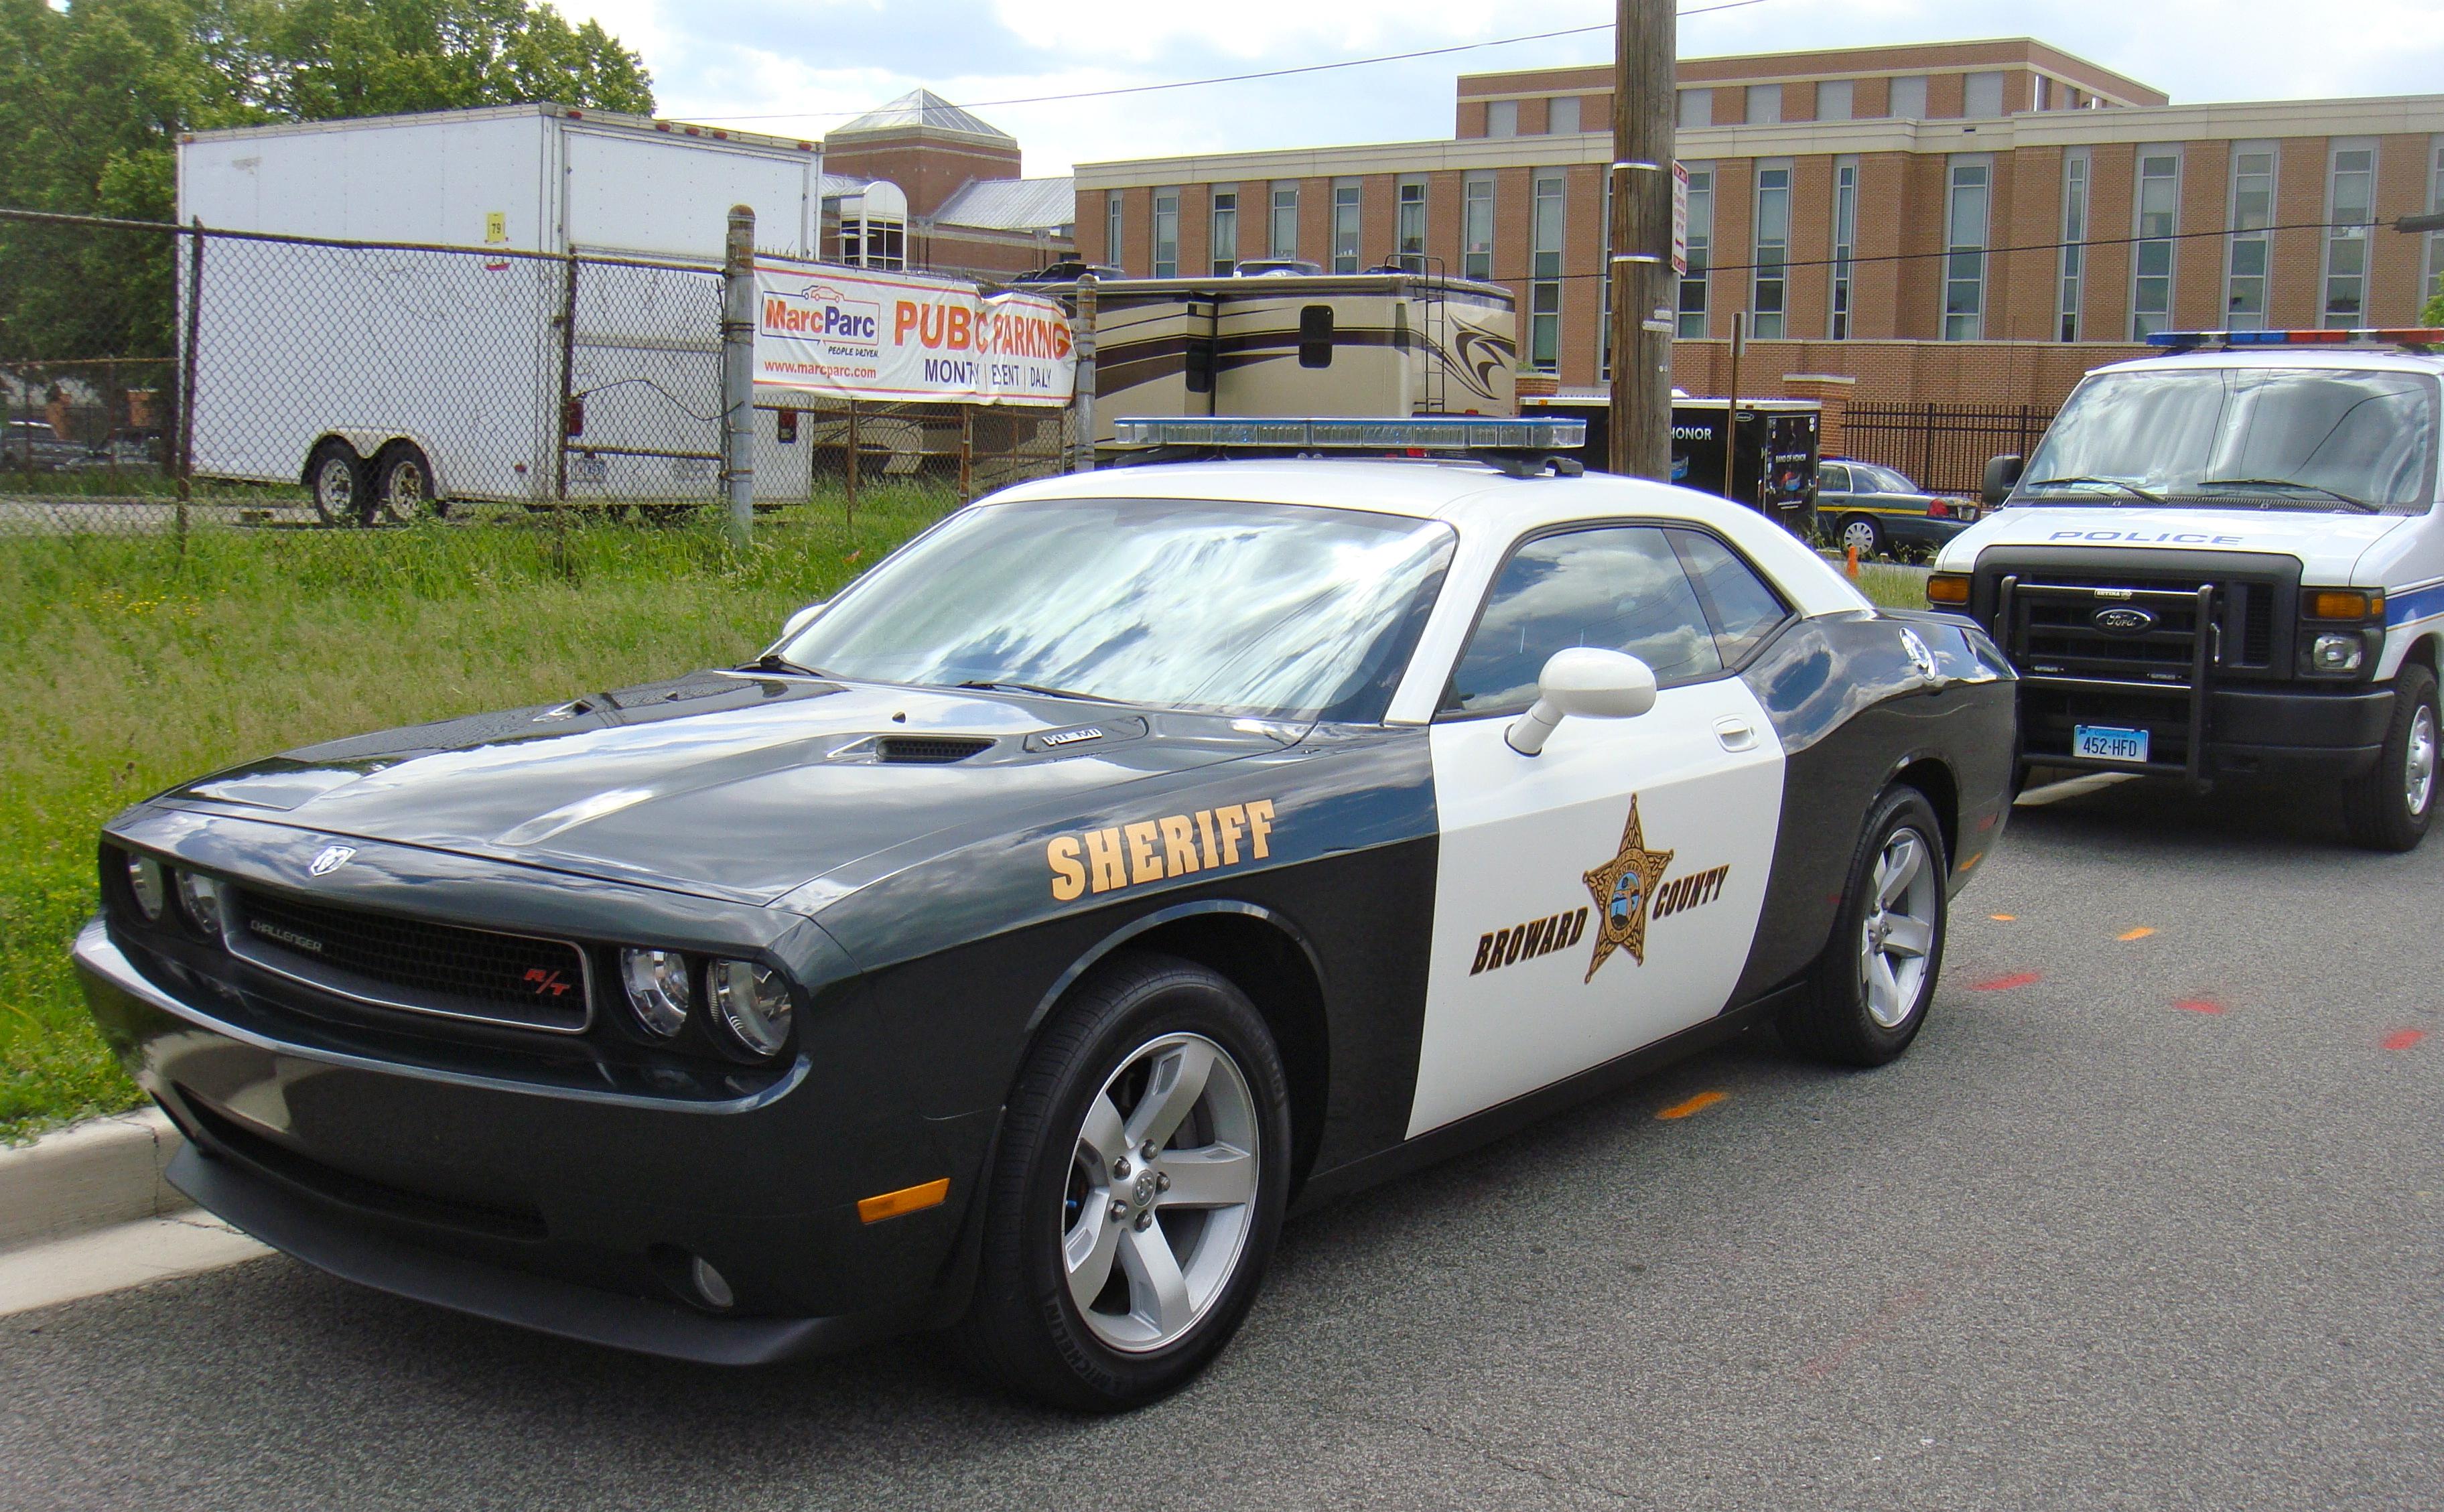 Hintergrundbilder : County, Auto, Polizisten, Florida, 911, Polizei ...